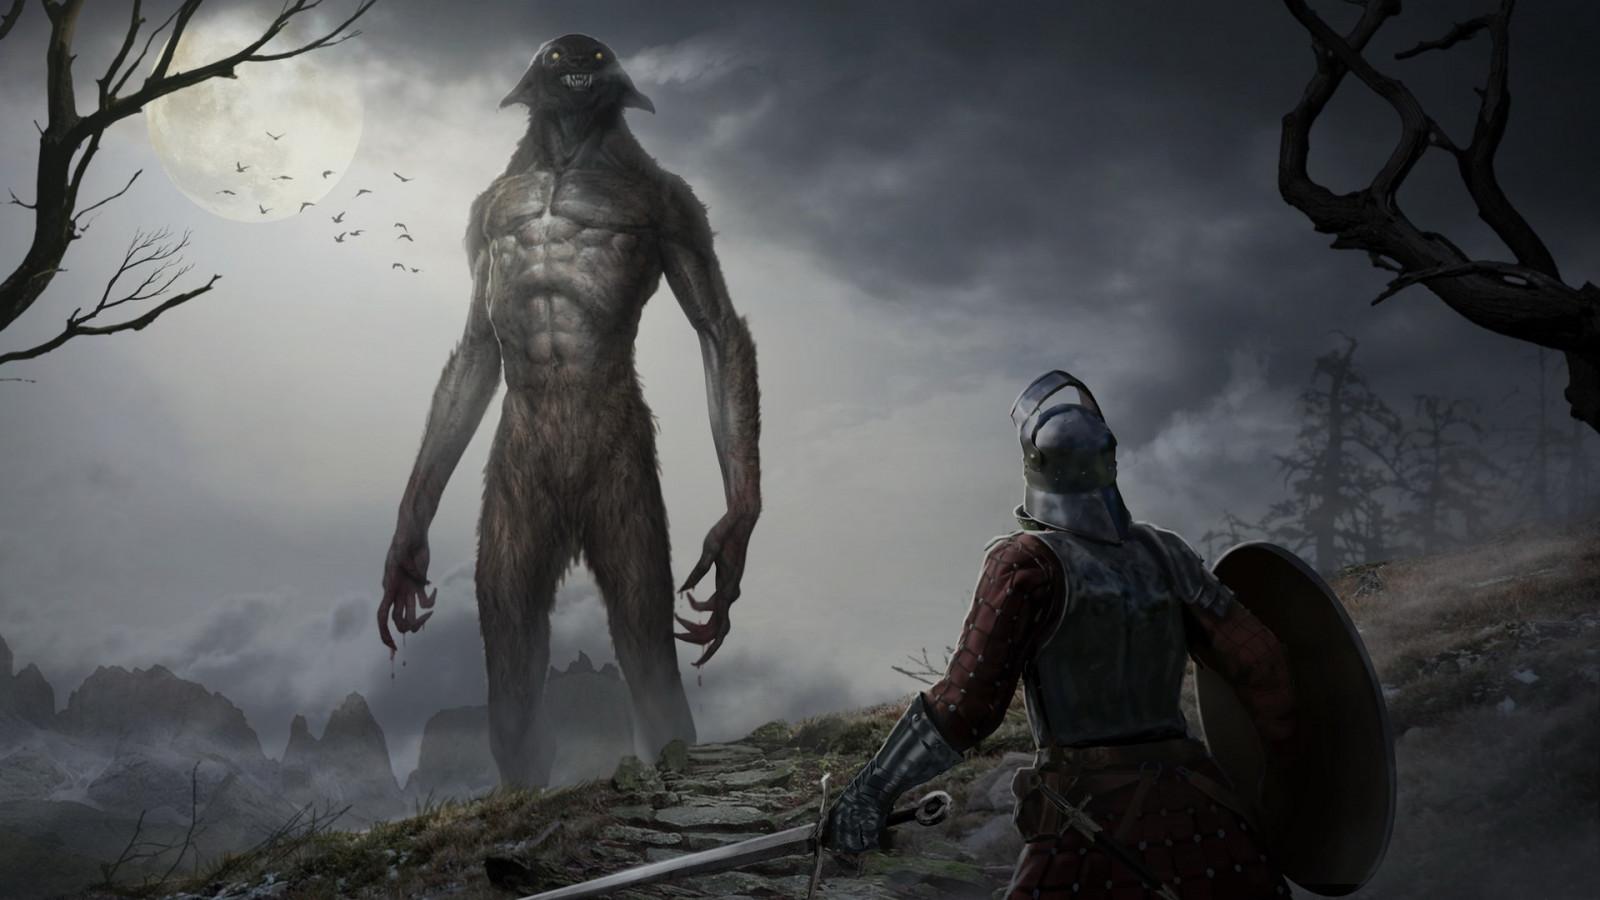 dungeoninspiration | Dark fantasy art, Fantasy art